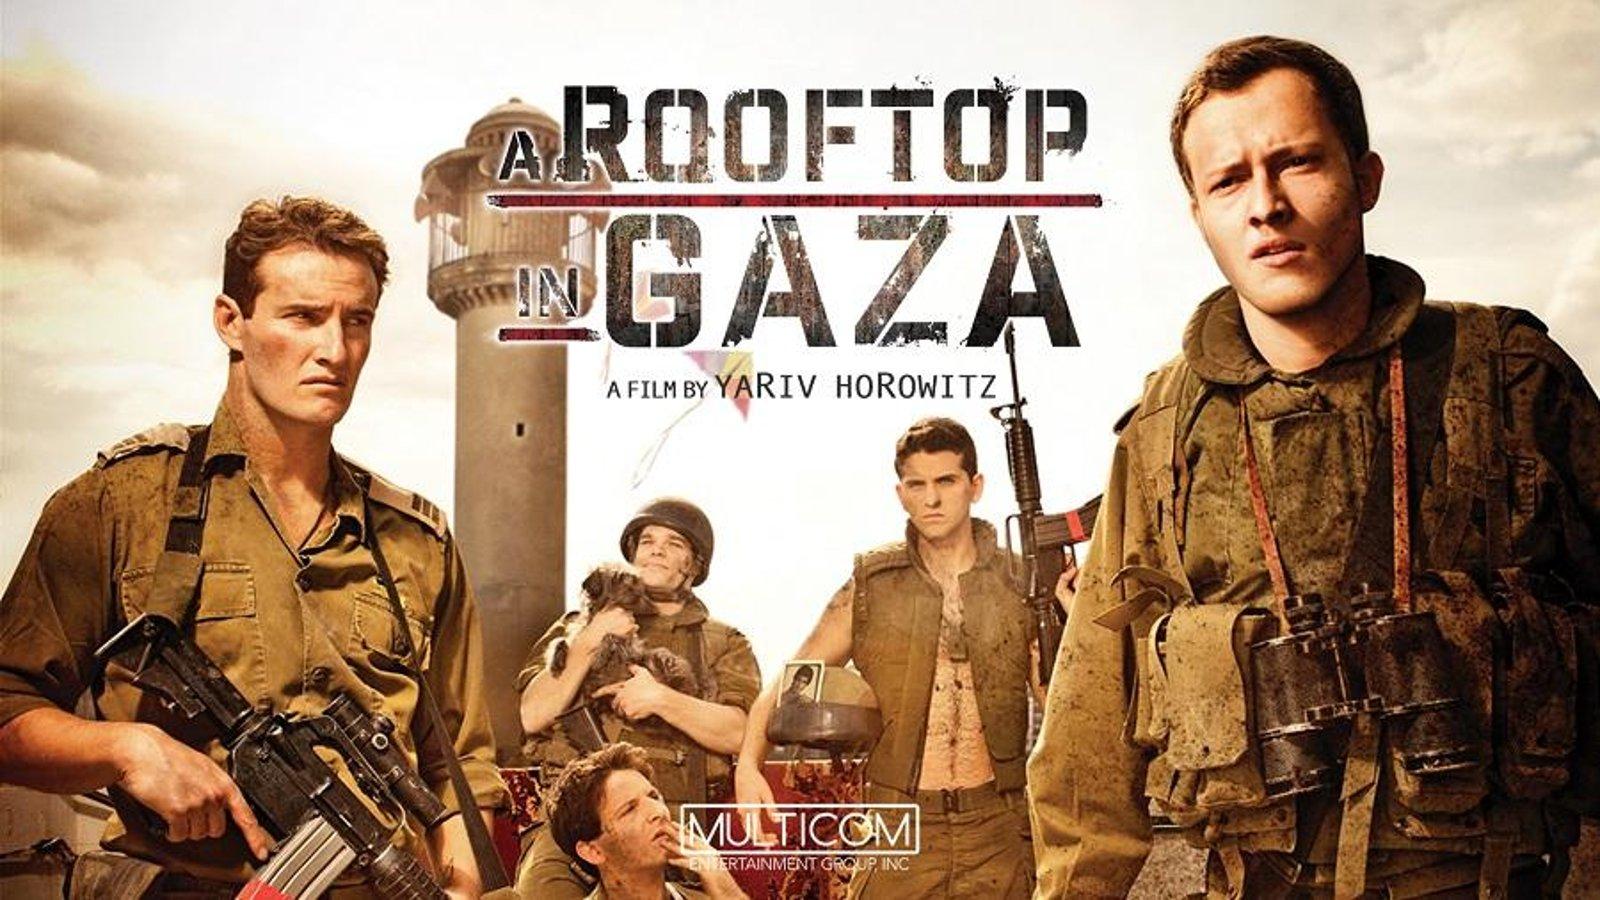 A Rooftop in Gaza - Rock Ba-Casba